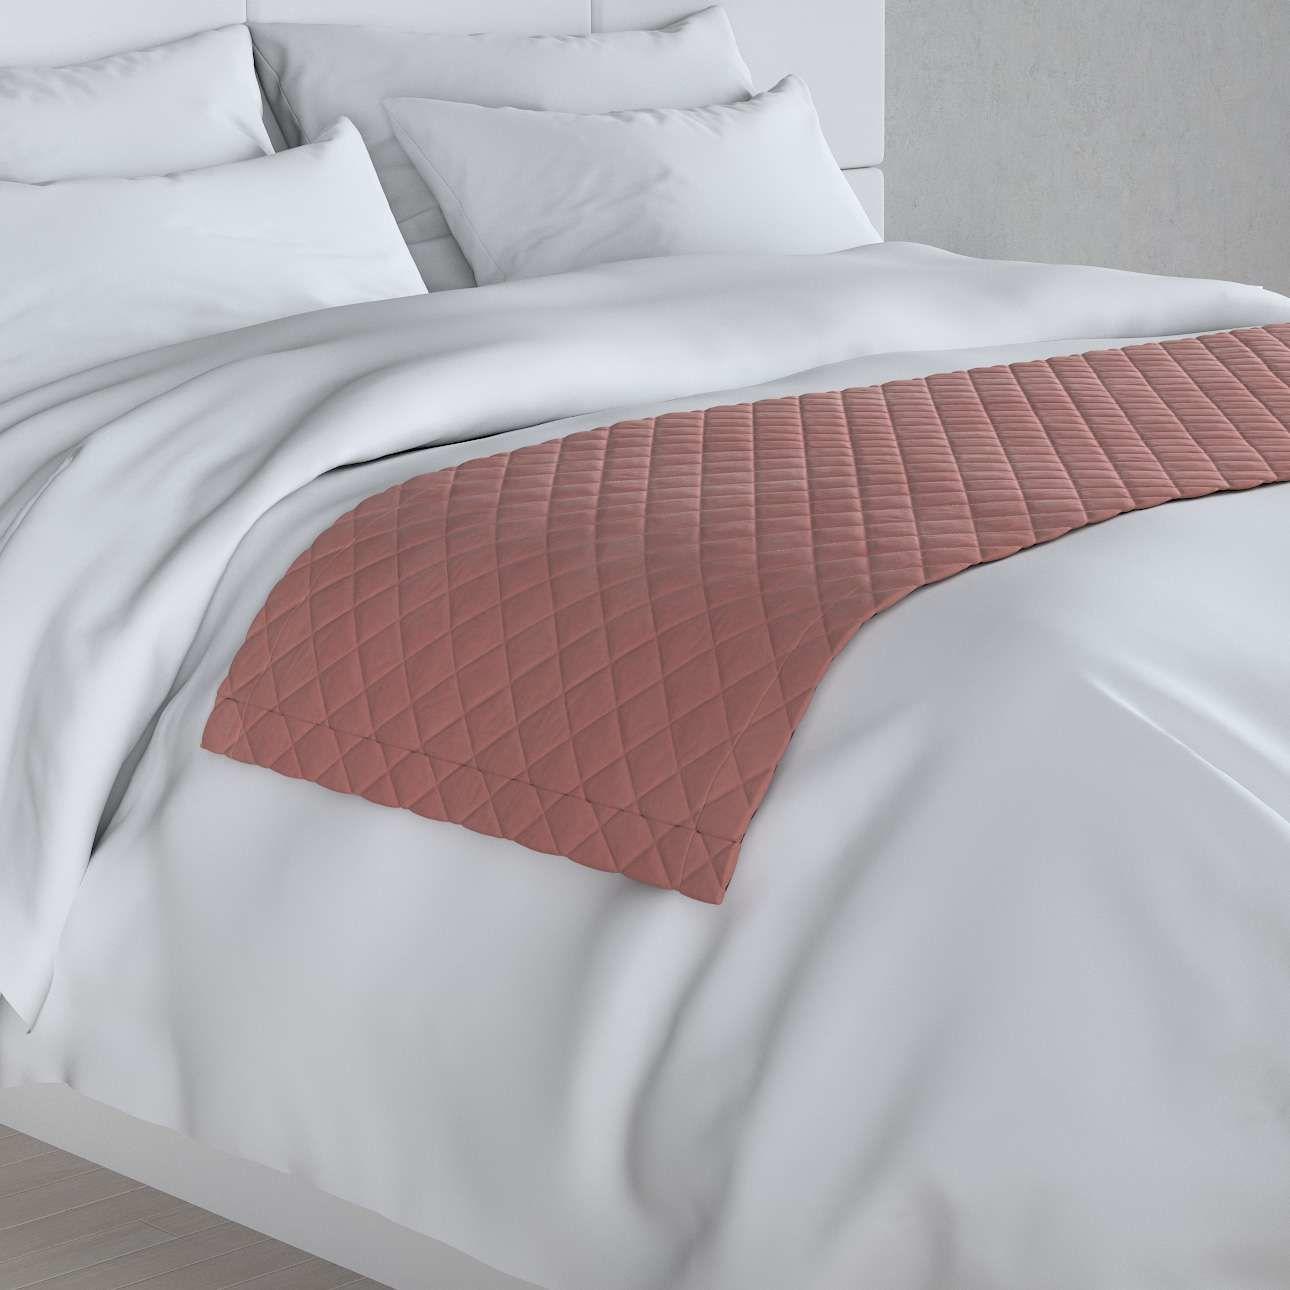 Narzuta hotelowa bieżnik Velvet 60x200cm, koralowy róż, 60 x 200 cm, Velvet